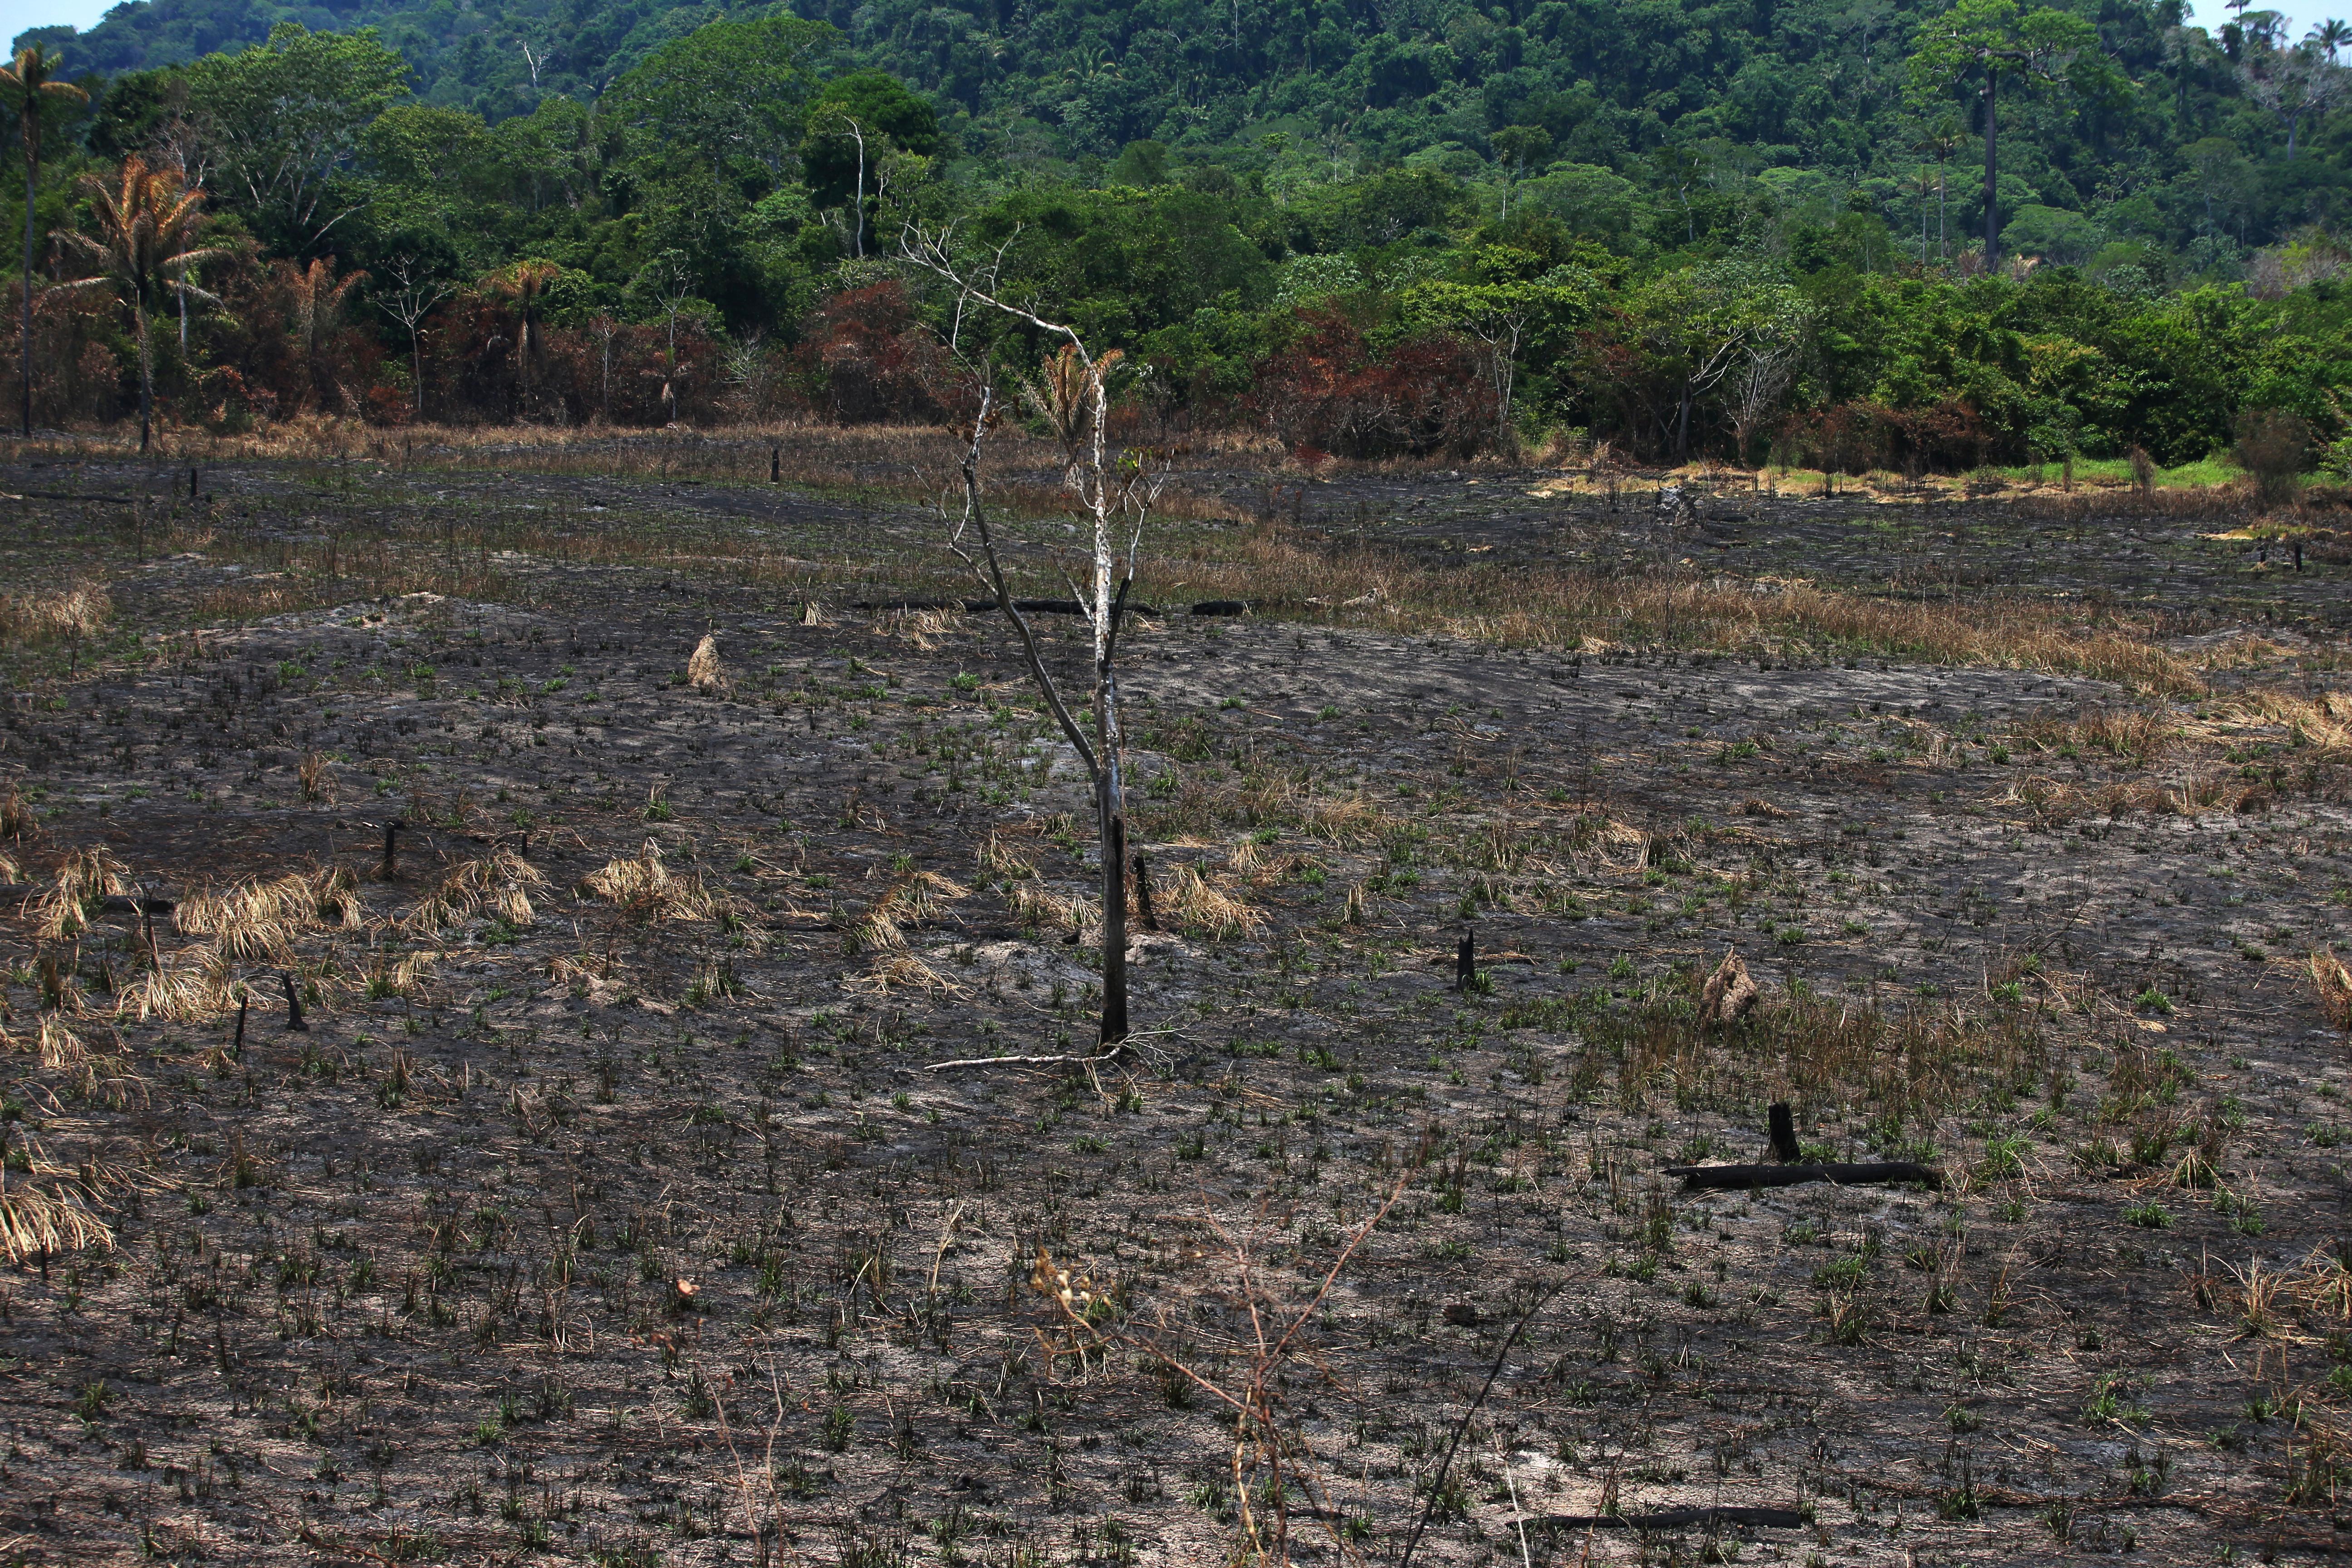 'Day of Fire': Blazes ignite suspicion in Amazon town